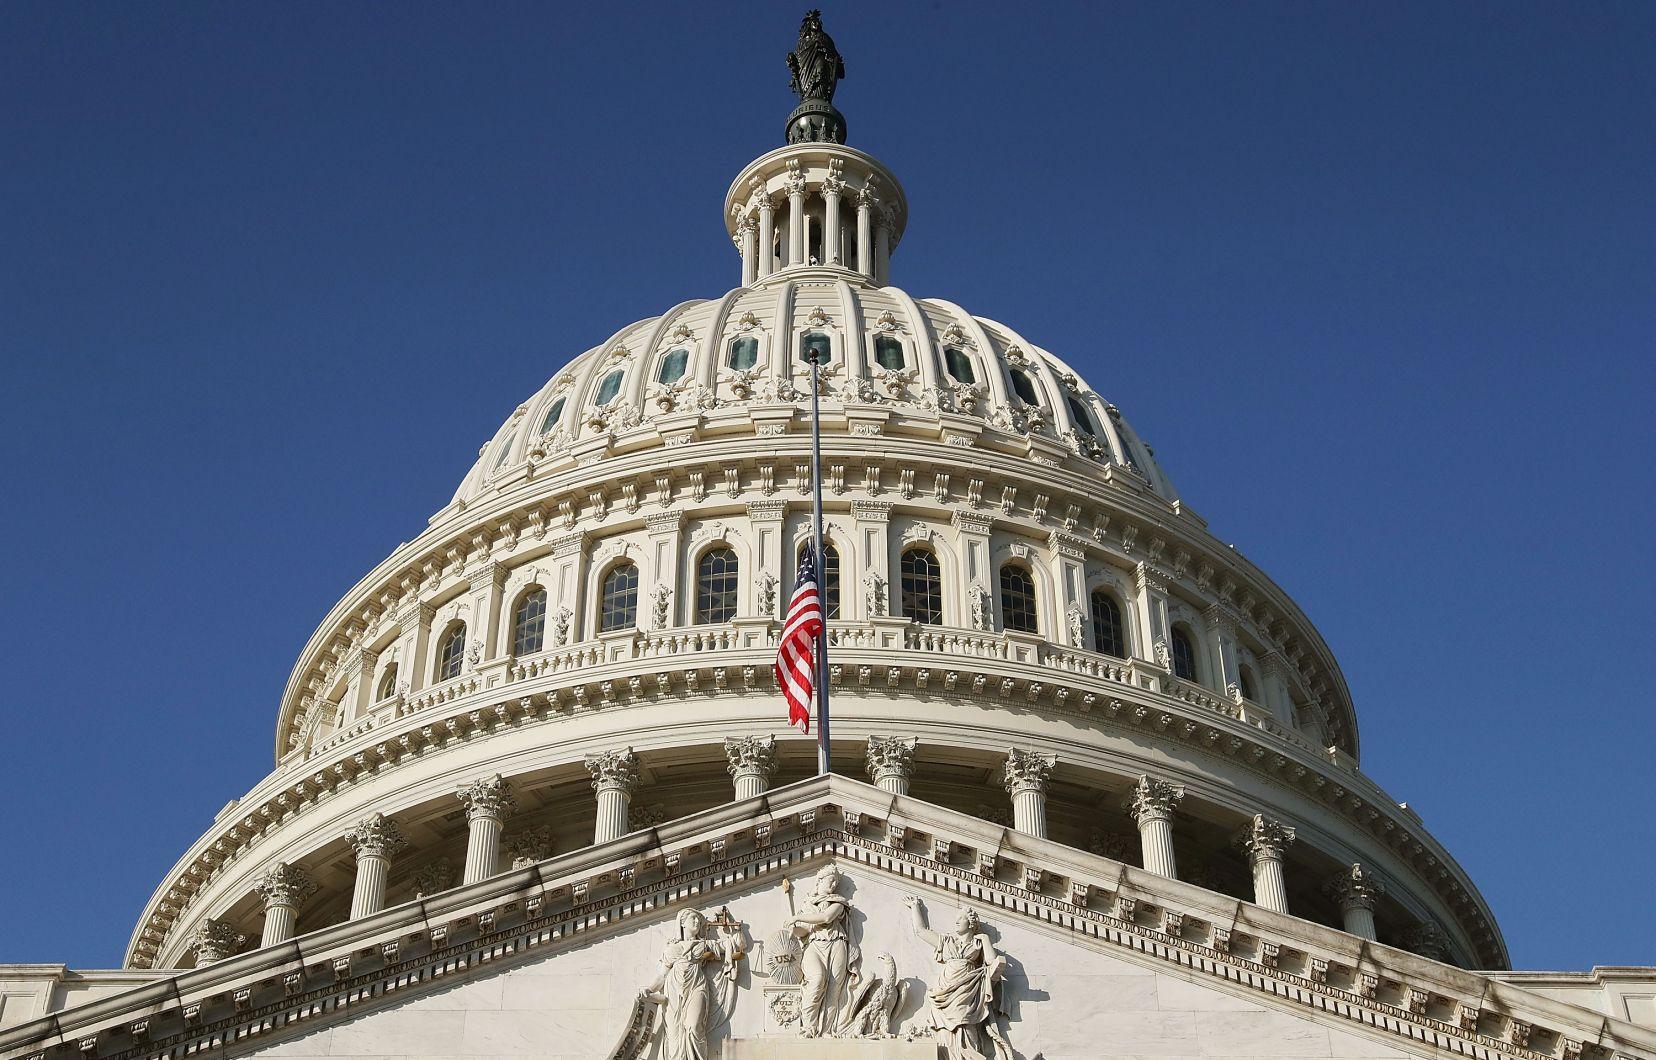 La séance du 6 janvier au Congrès américain promet d'être houleuse